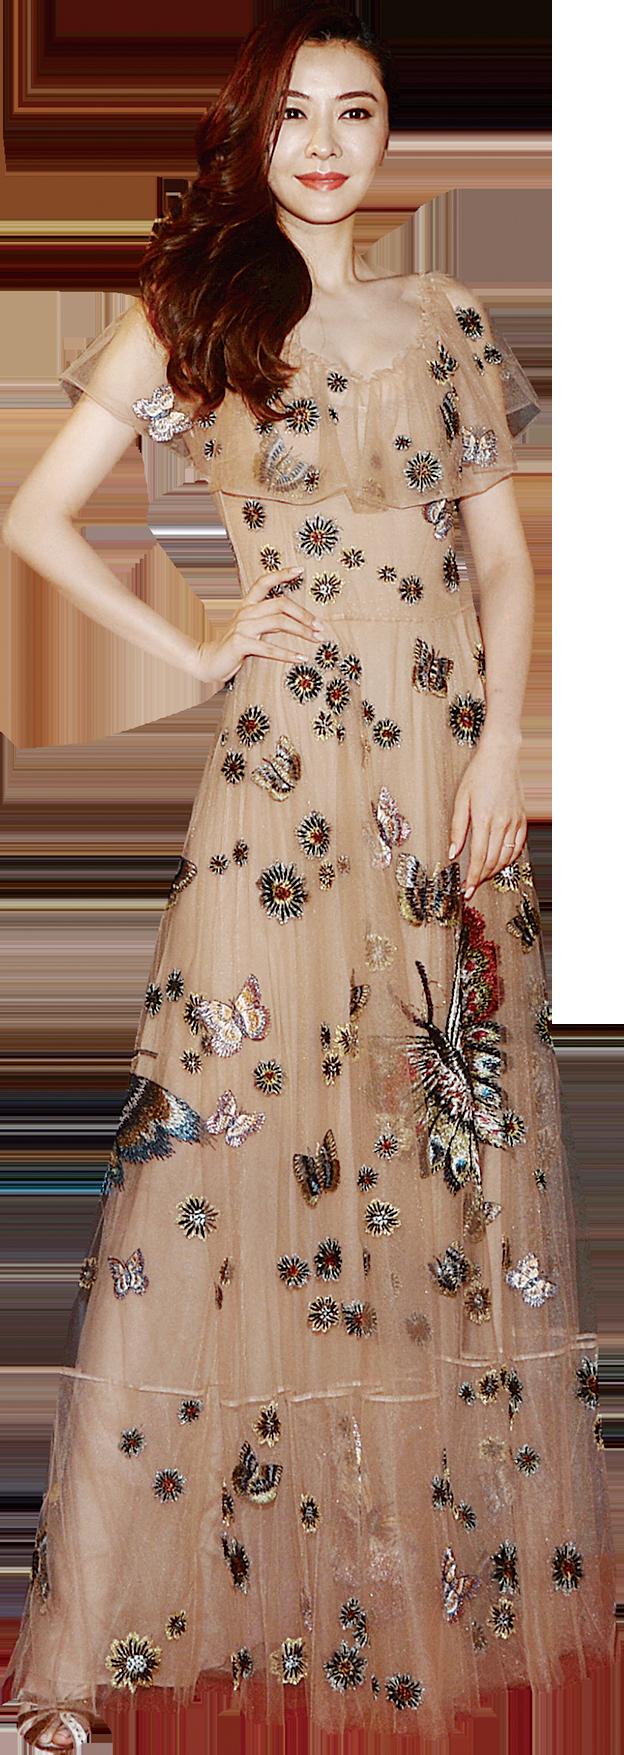 名模熊黛林穿著高貴優雅碎花長裙行紅地毯。(宋碧龍/大紀元)